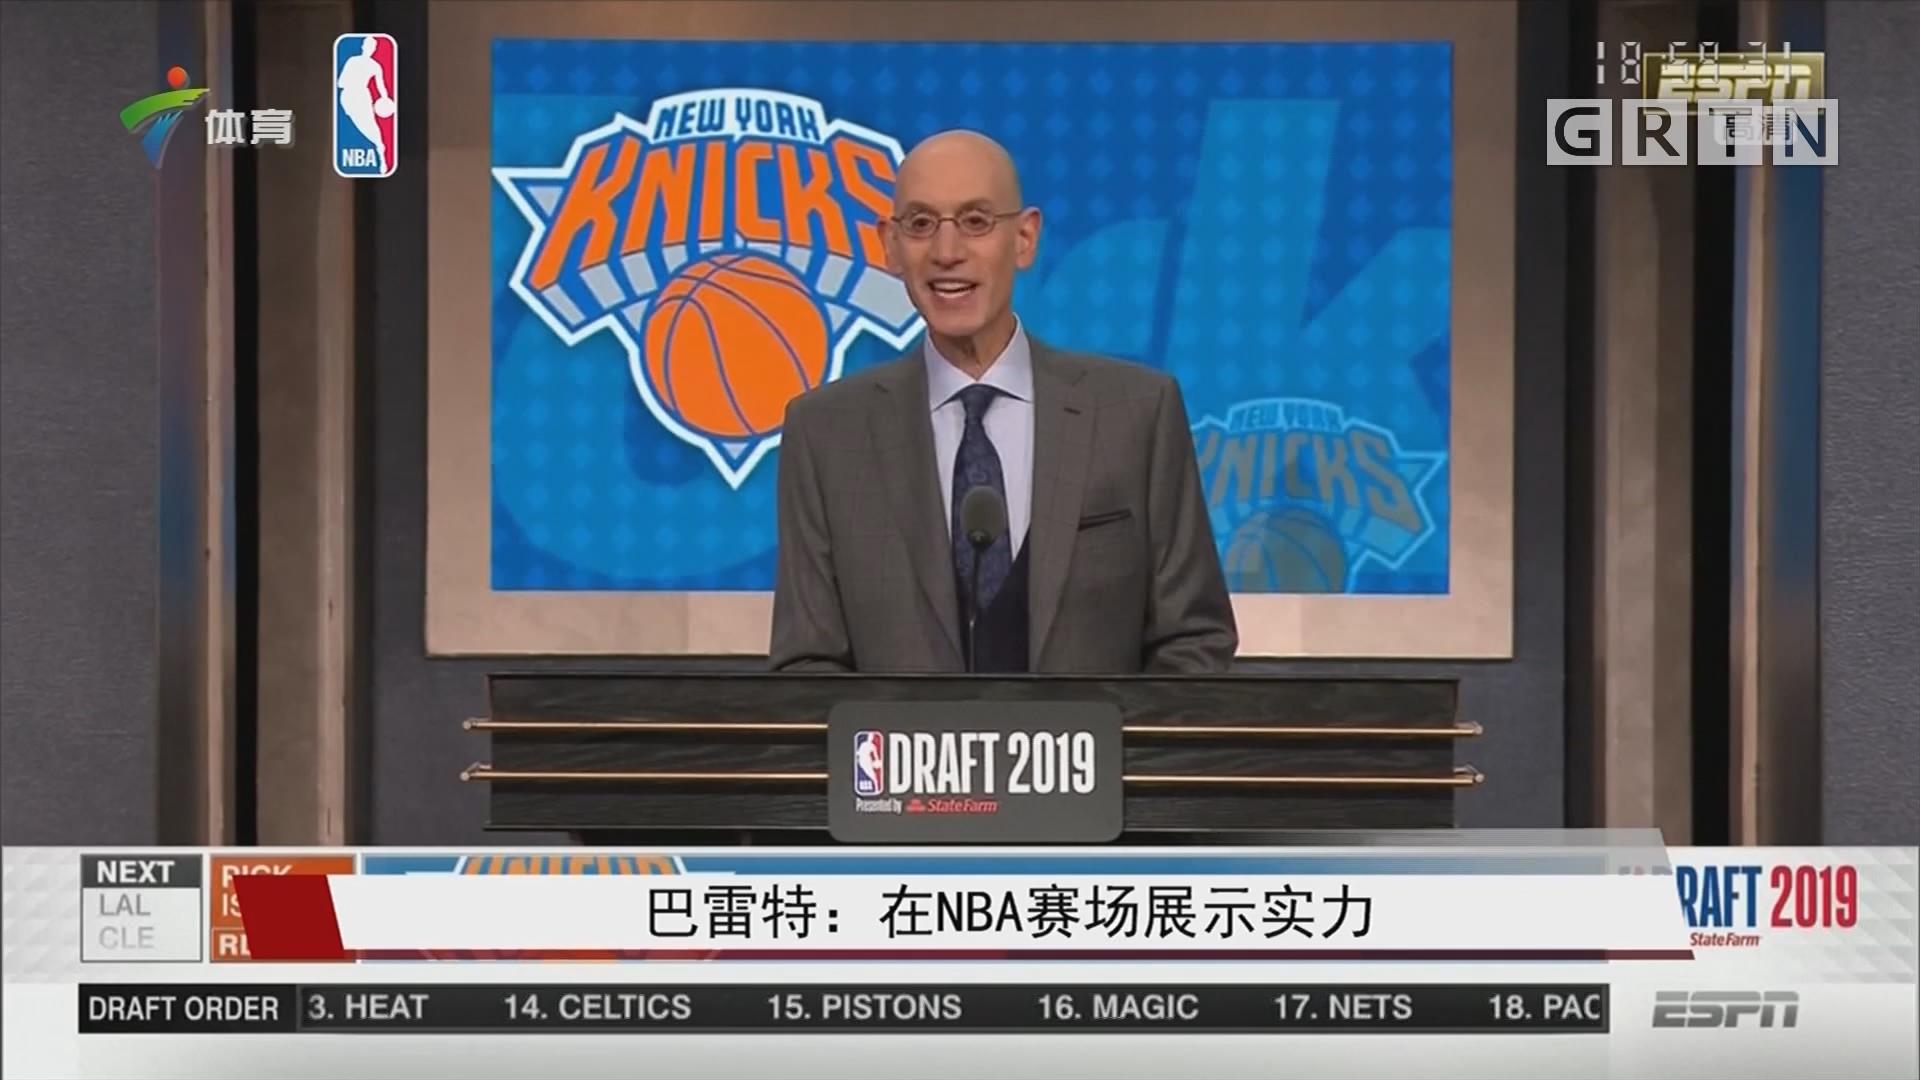 巴雷特:在NBA赛场展示实力